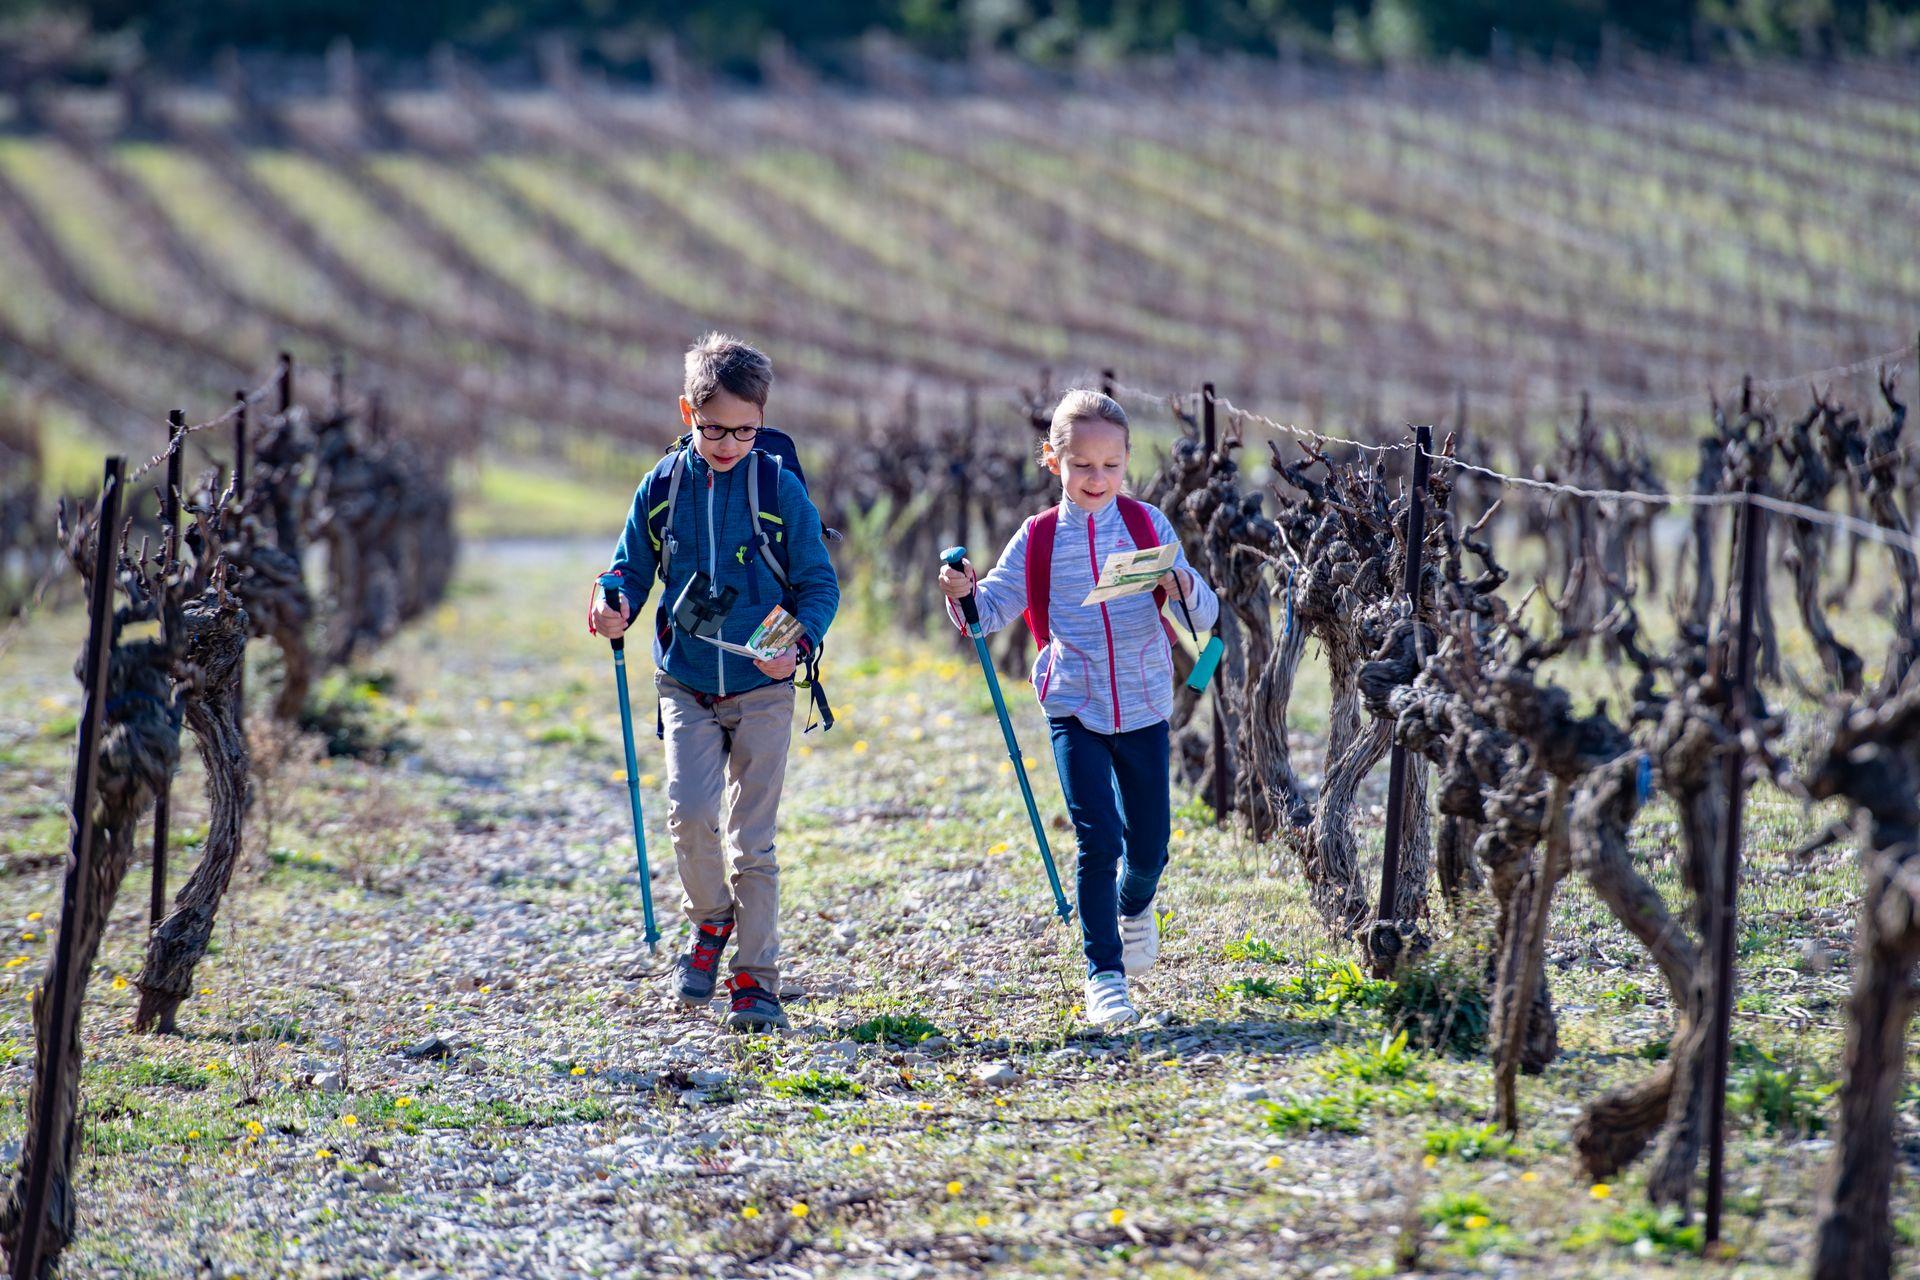 Jeu de piste en famille en hiver dans les vignes du Languedoc